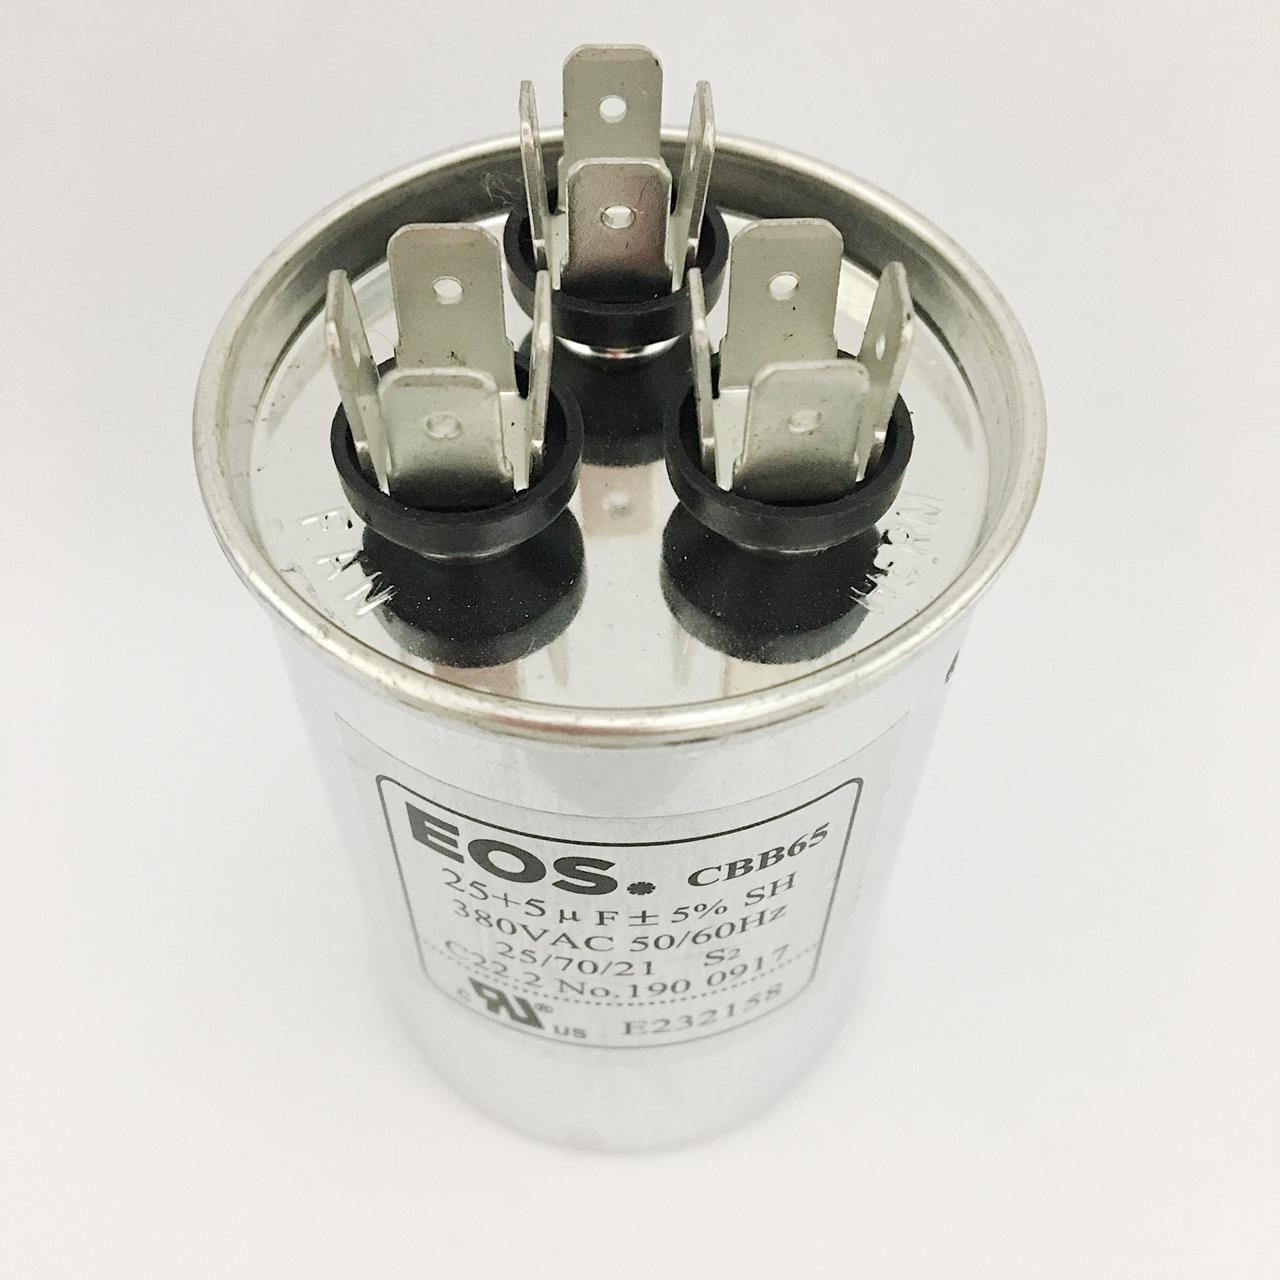 Capacitor 25+5 MFD 380V 50/60Hz